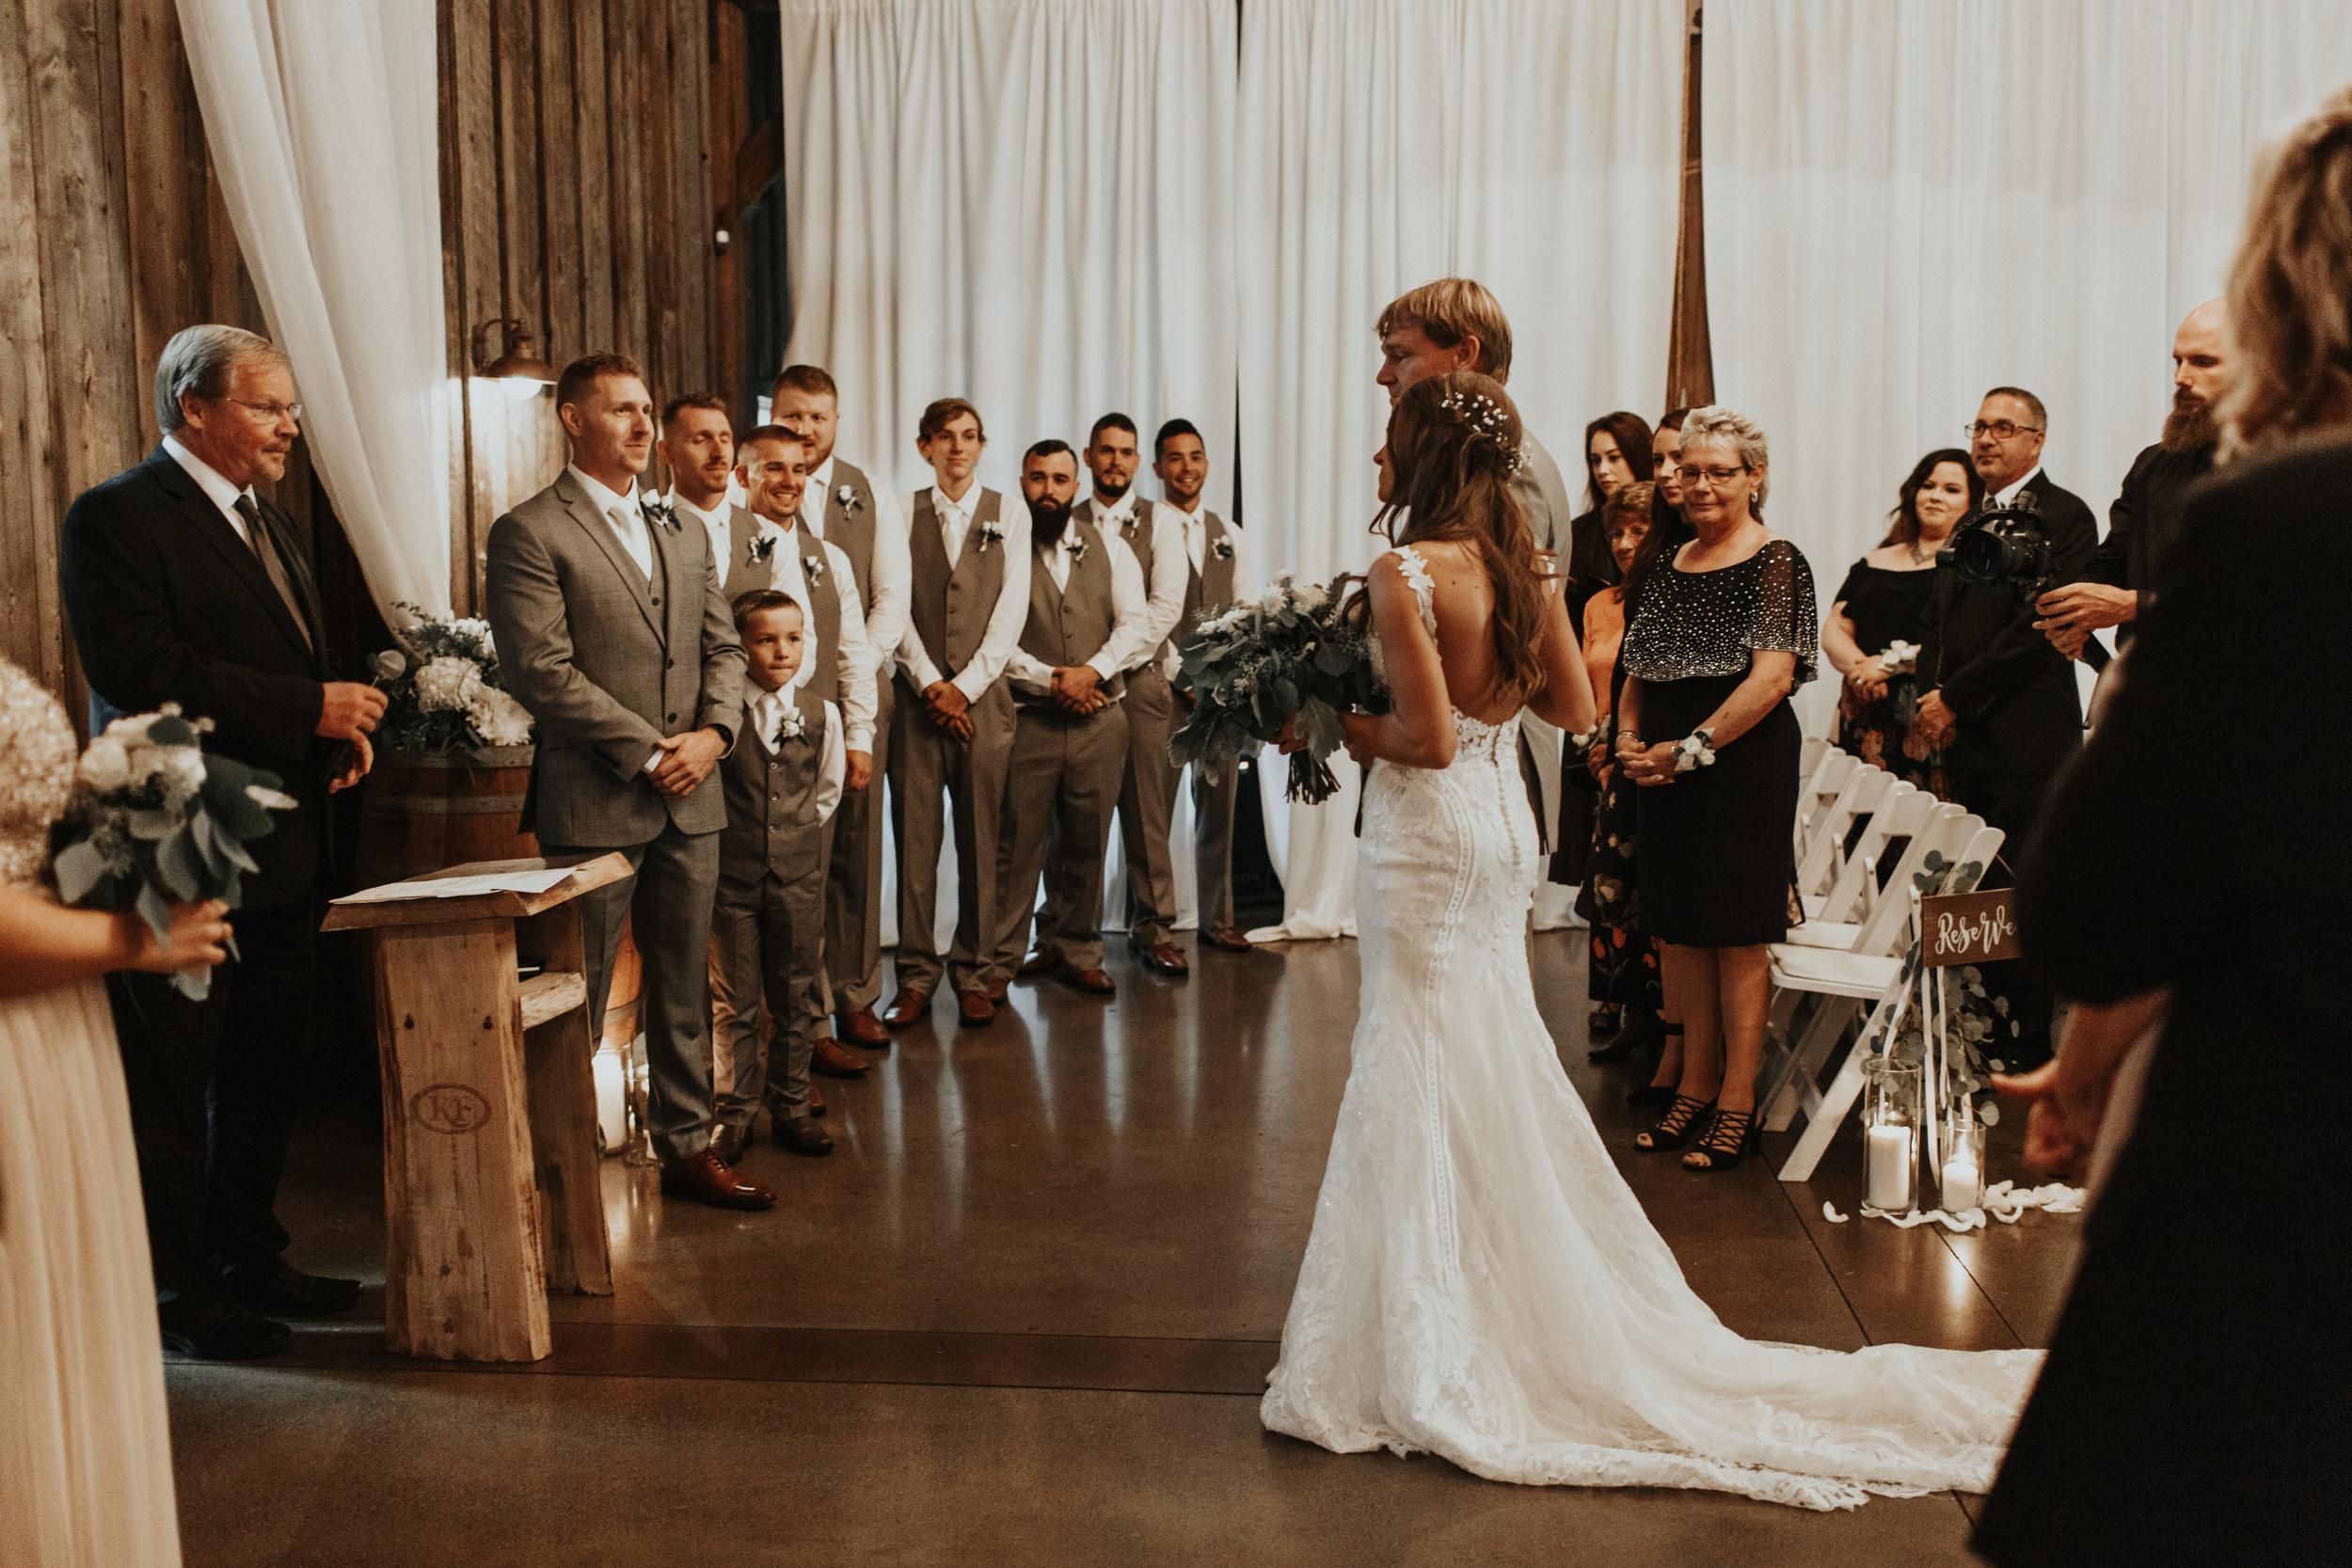 ginapaulson_katjohn_wedding-667.jpg